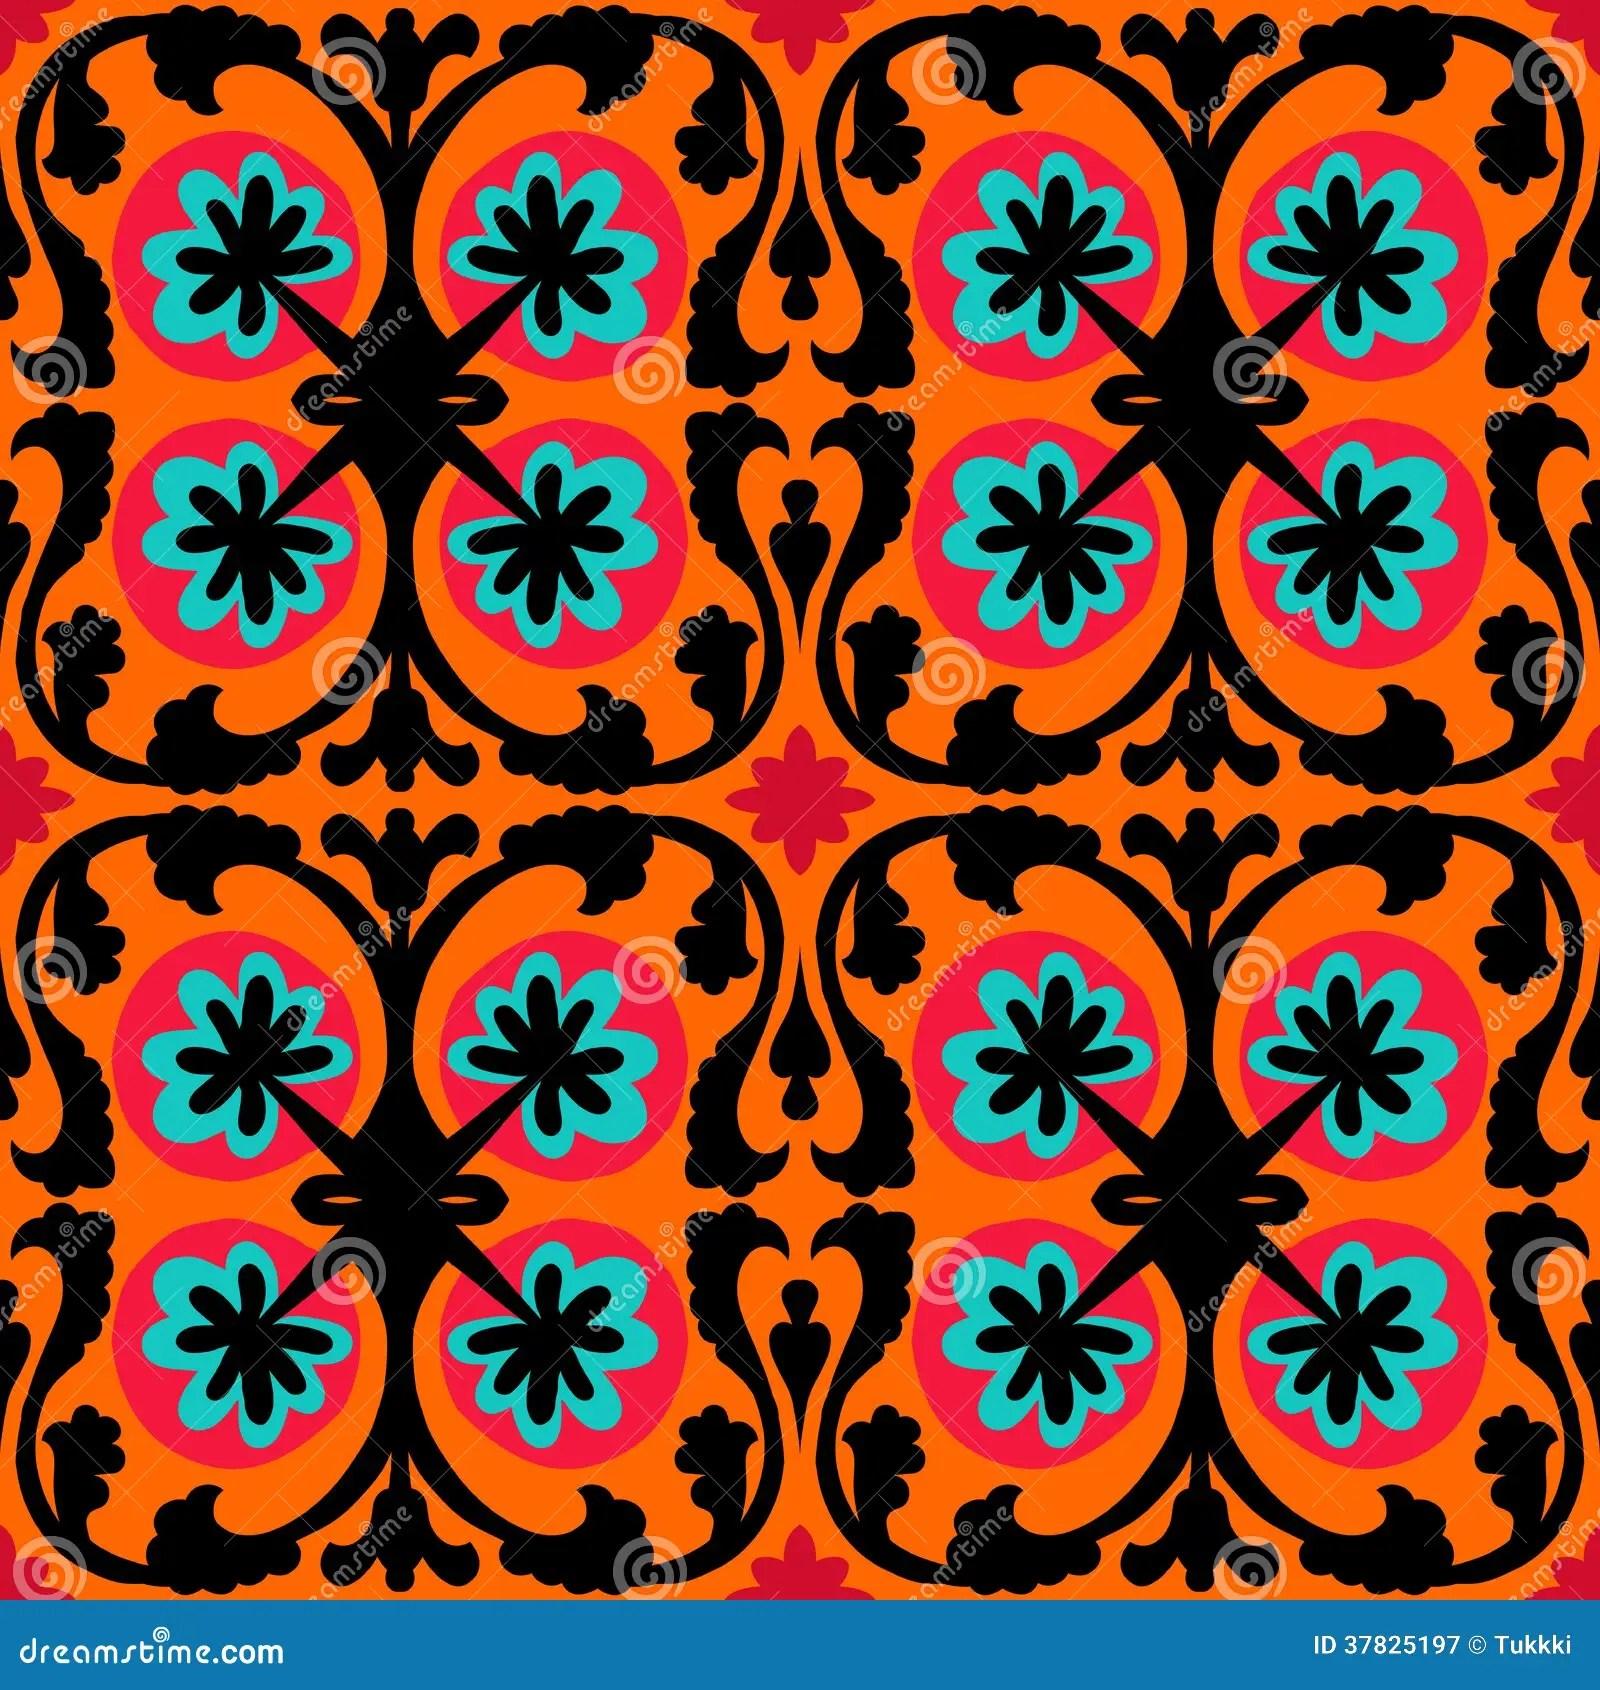 Free Wallpaper Fall Flowers Suzani Pattern With Uzbek And Kazakh Motifs Stock Image